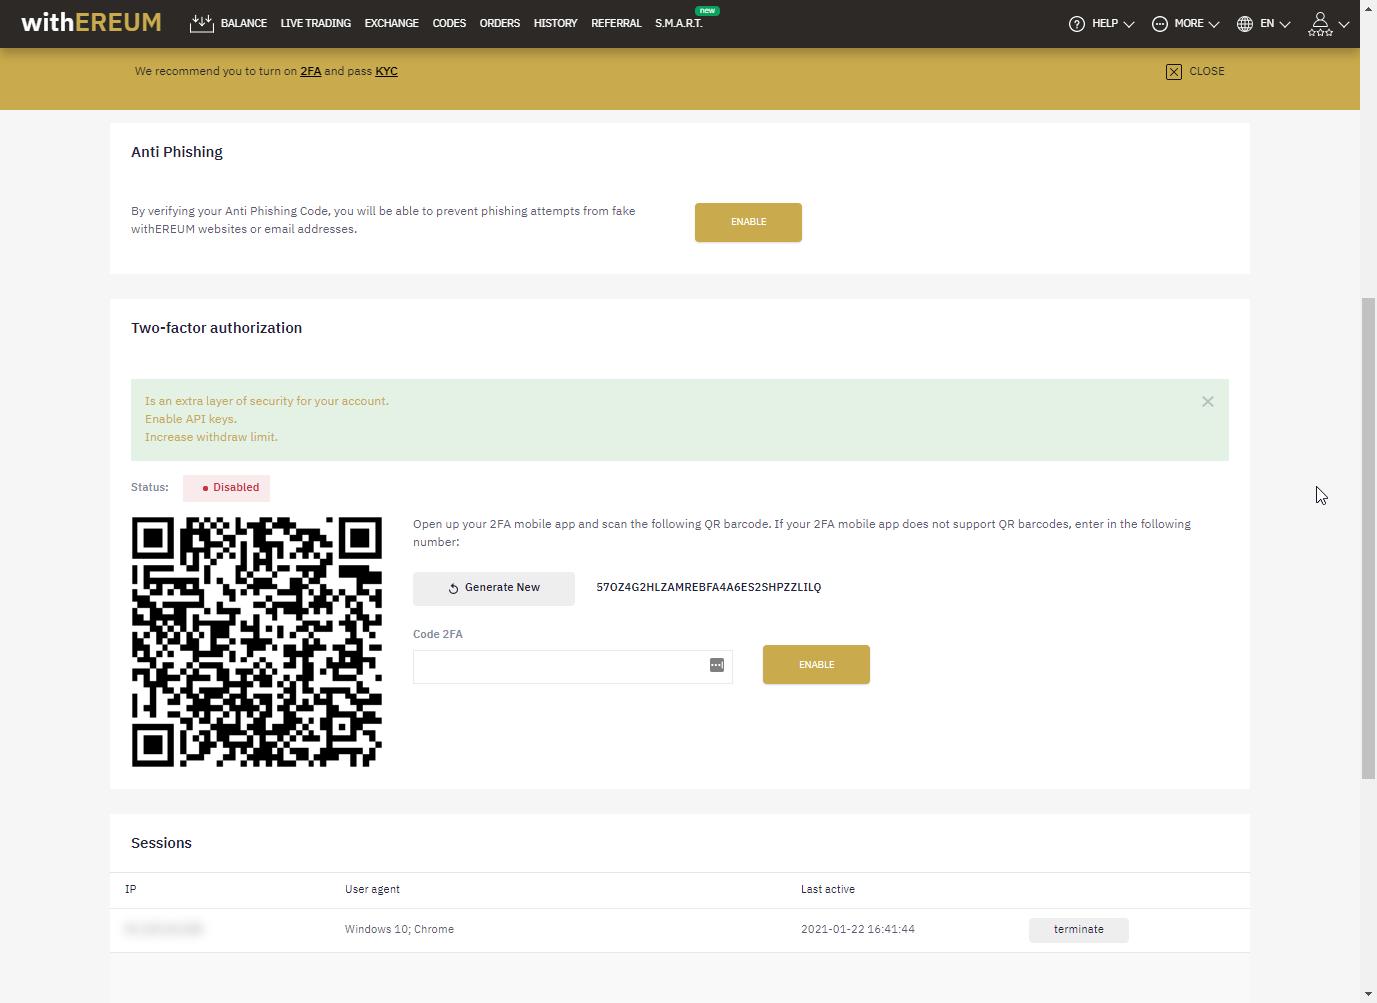 2段階認証とフィッシング対策機能の有効化を促す偽サイト